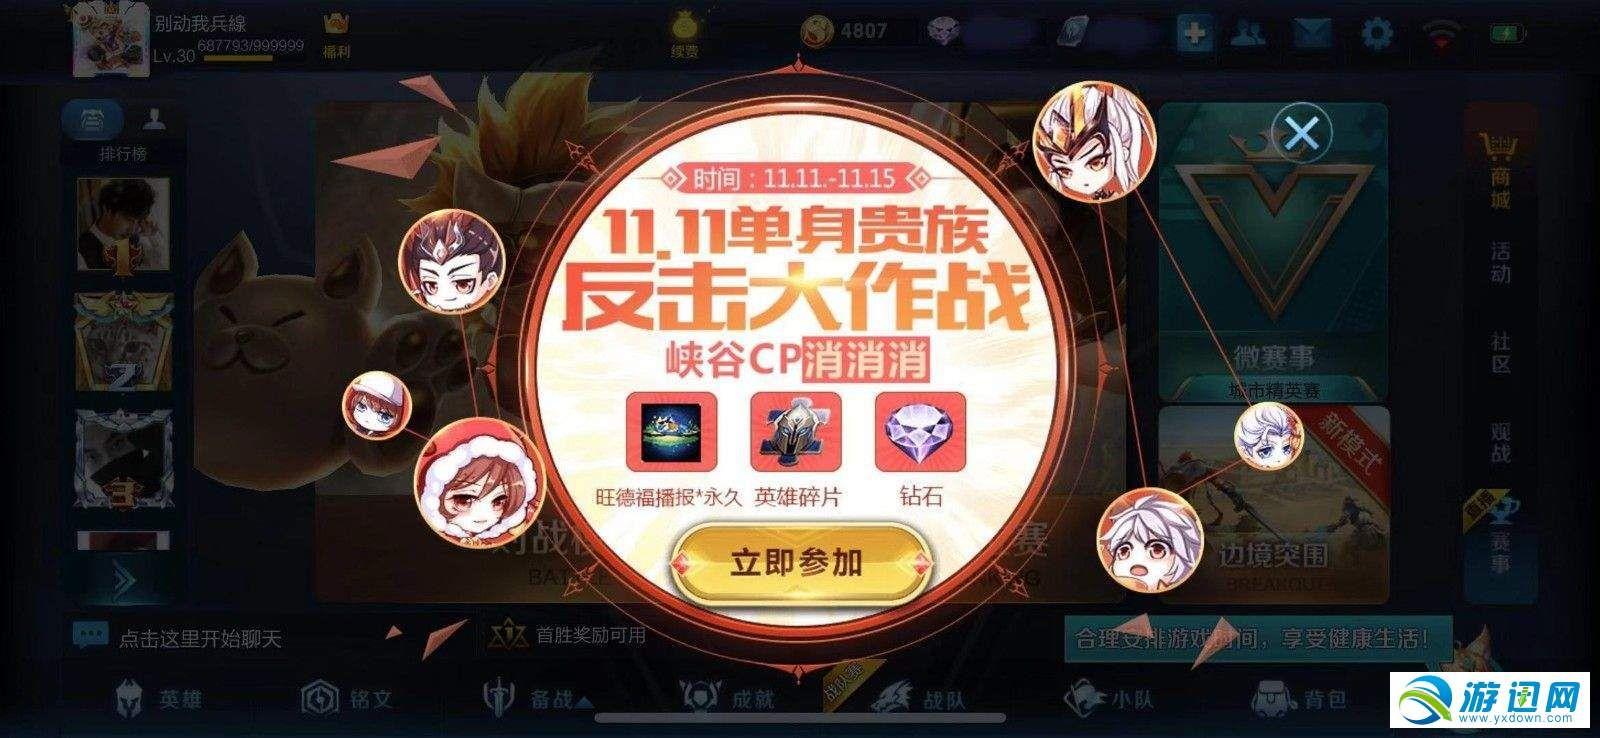 王者荣耀峡谷cp消消乐活动玩法规则及奖励详解